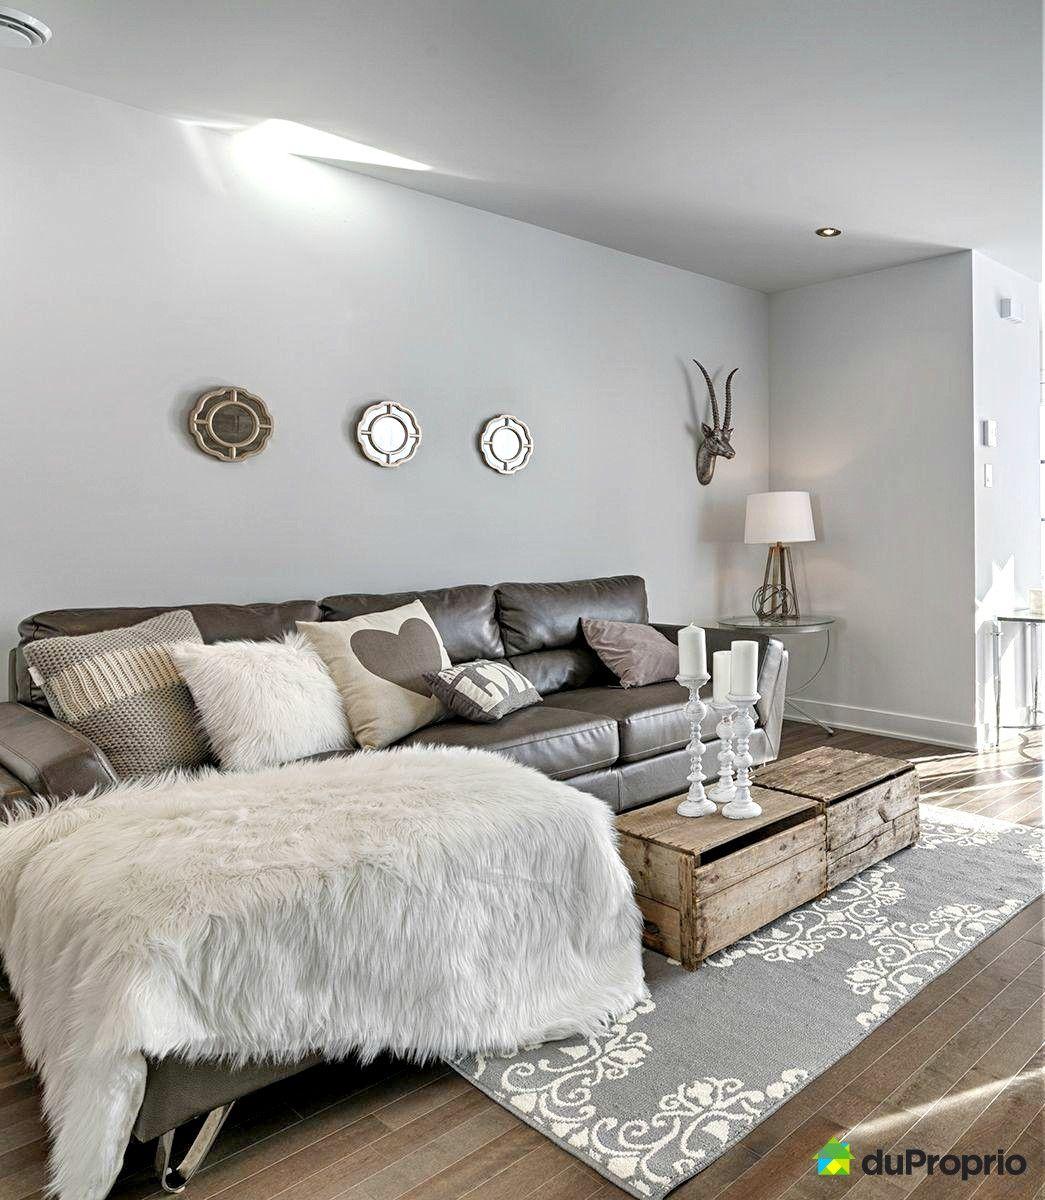 Magnifique Salon contemporain et rustique. On aime ces tons de gris ...